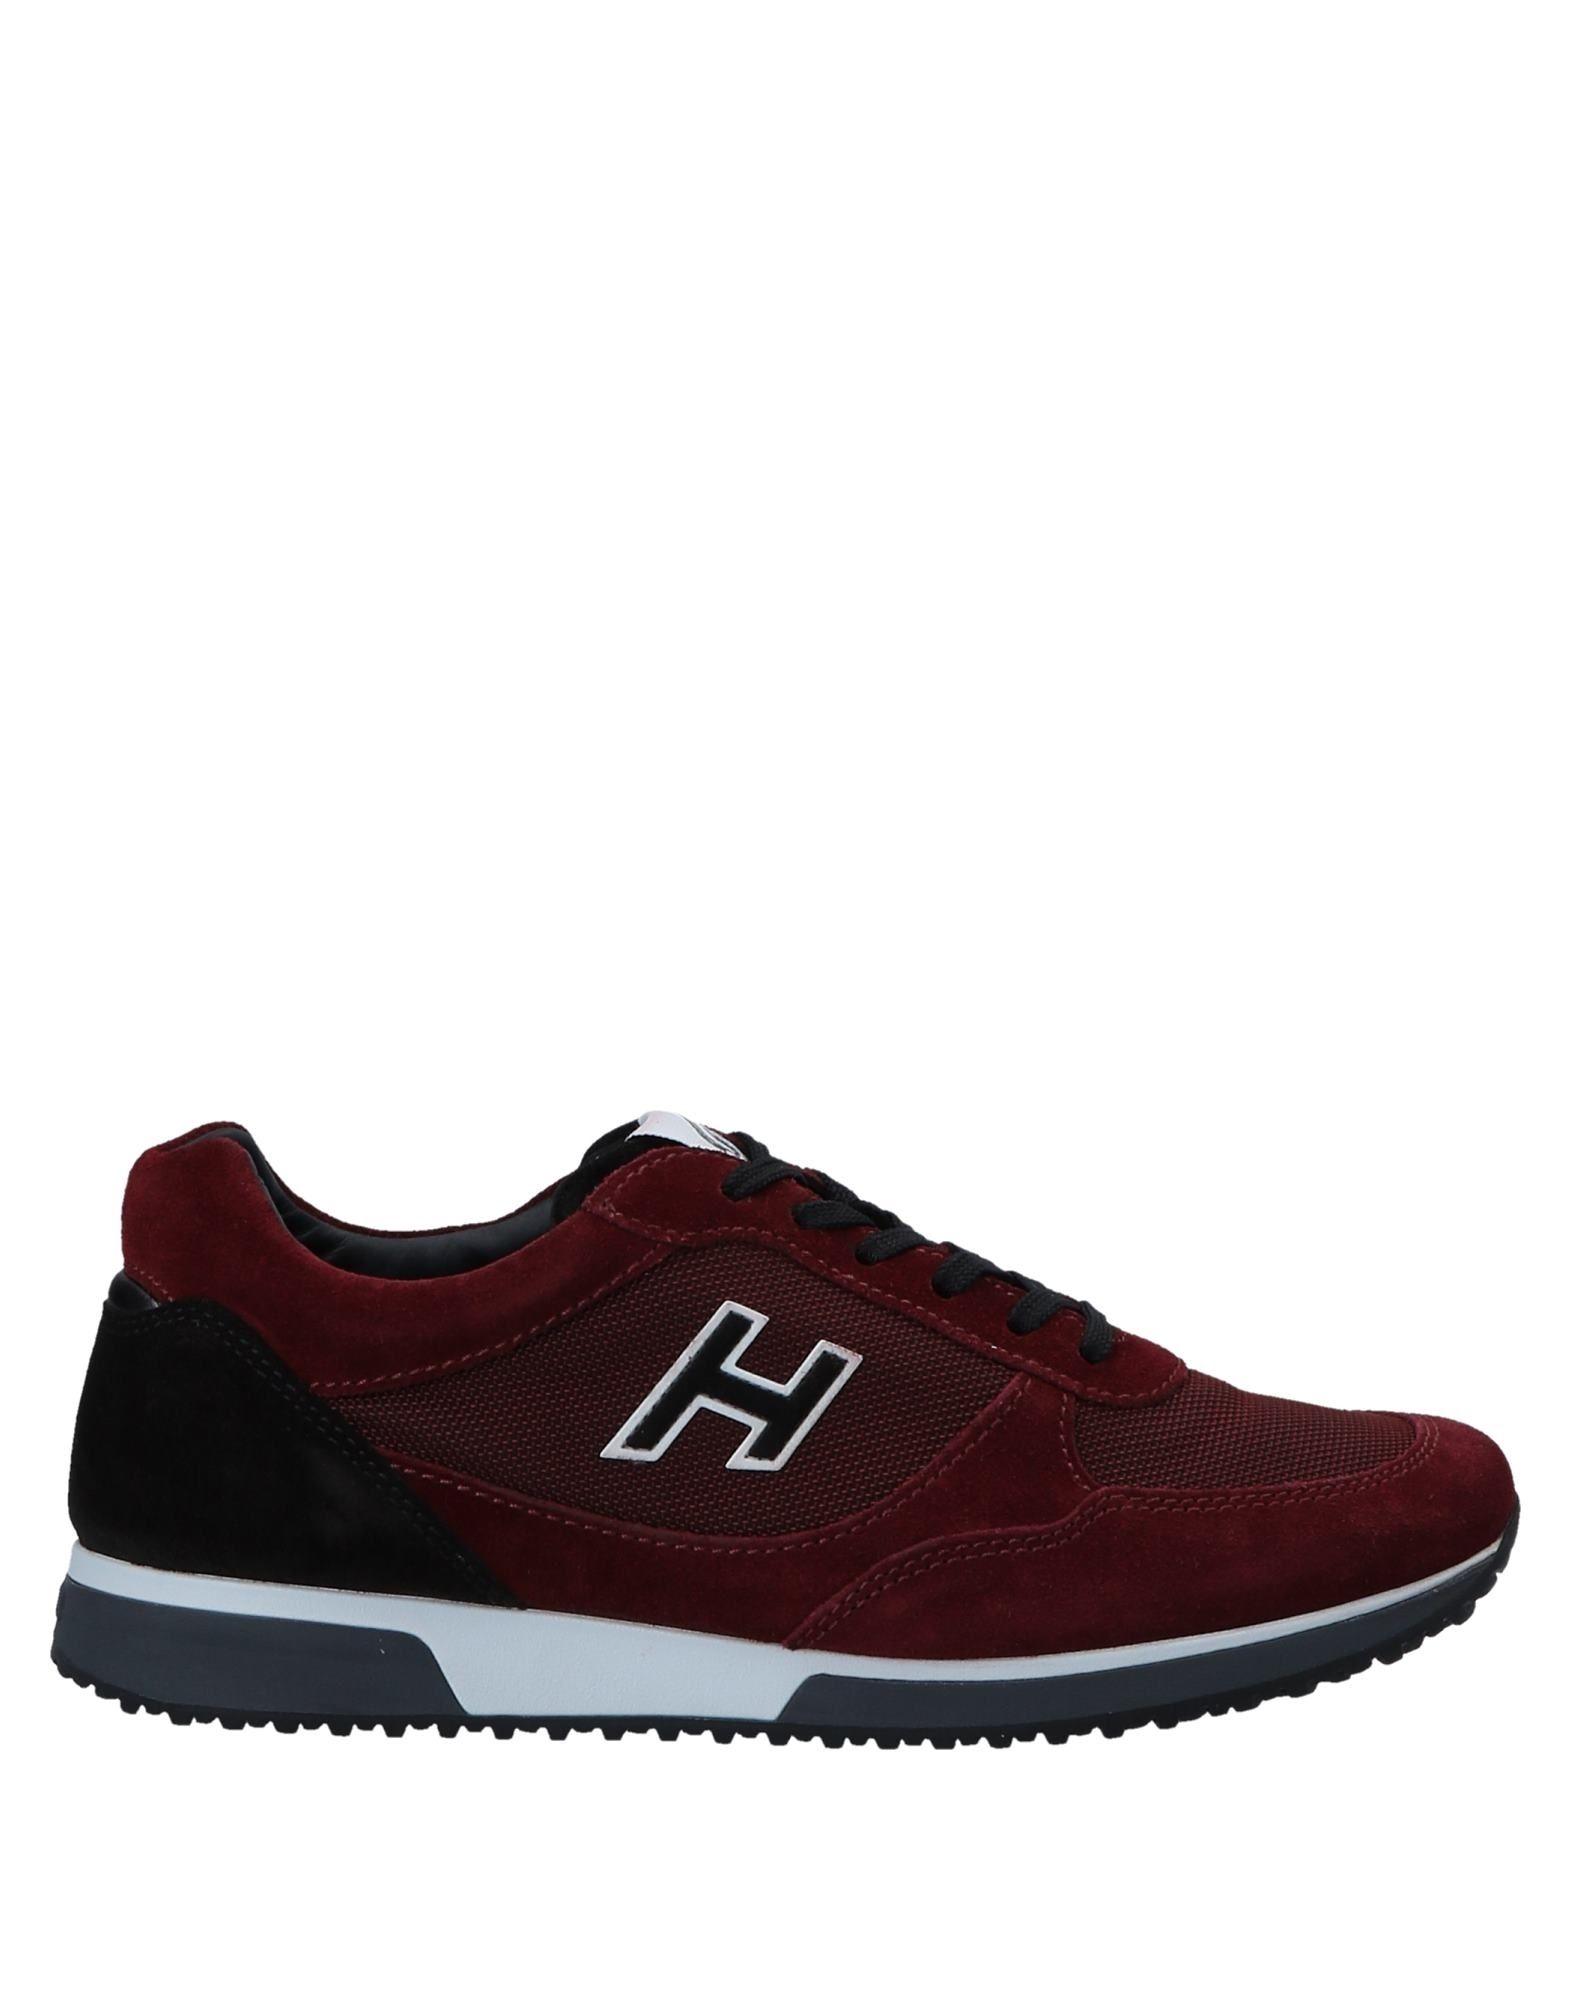 Hogan Sneakers Herren  11559930JN Gute Qualität beliebte Schuhe